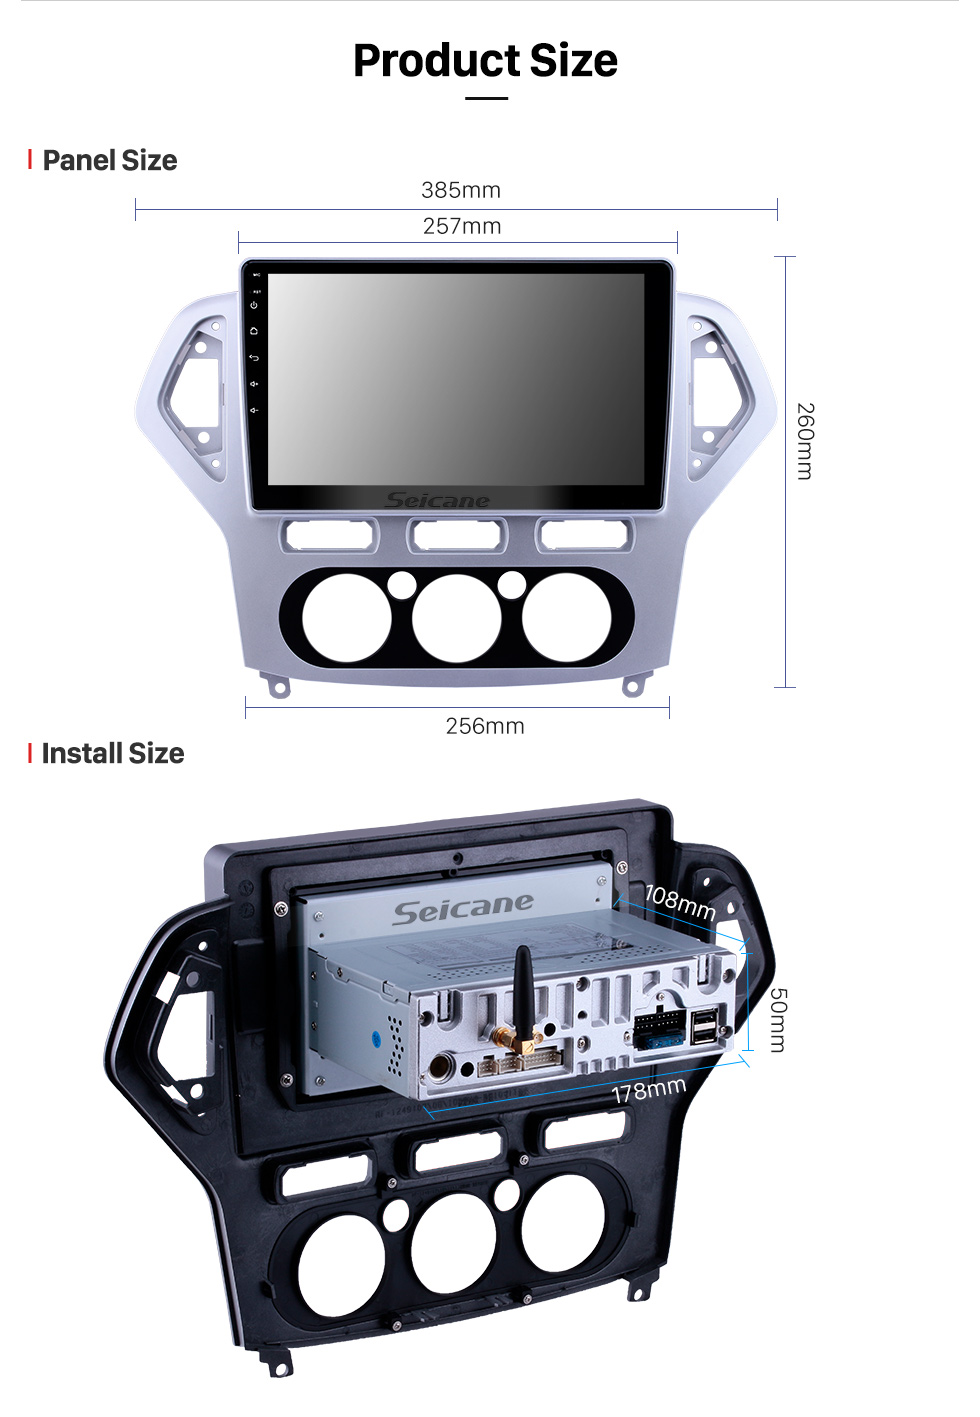 Seicane 10.1 pulgadas Android 9.0 Radio de navegación GPS para 2007-2010 Ford Mondeo-Zhisheng Manual A / C Bluetooth Wifi HD Pantalla táctil compatible con 1080P